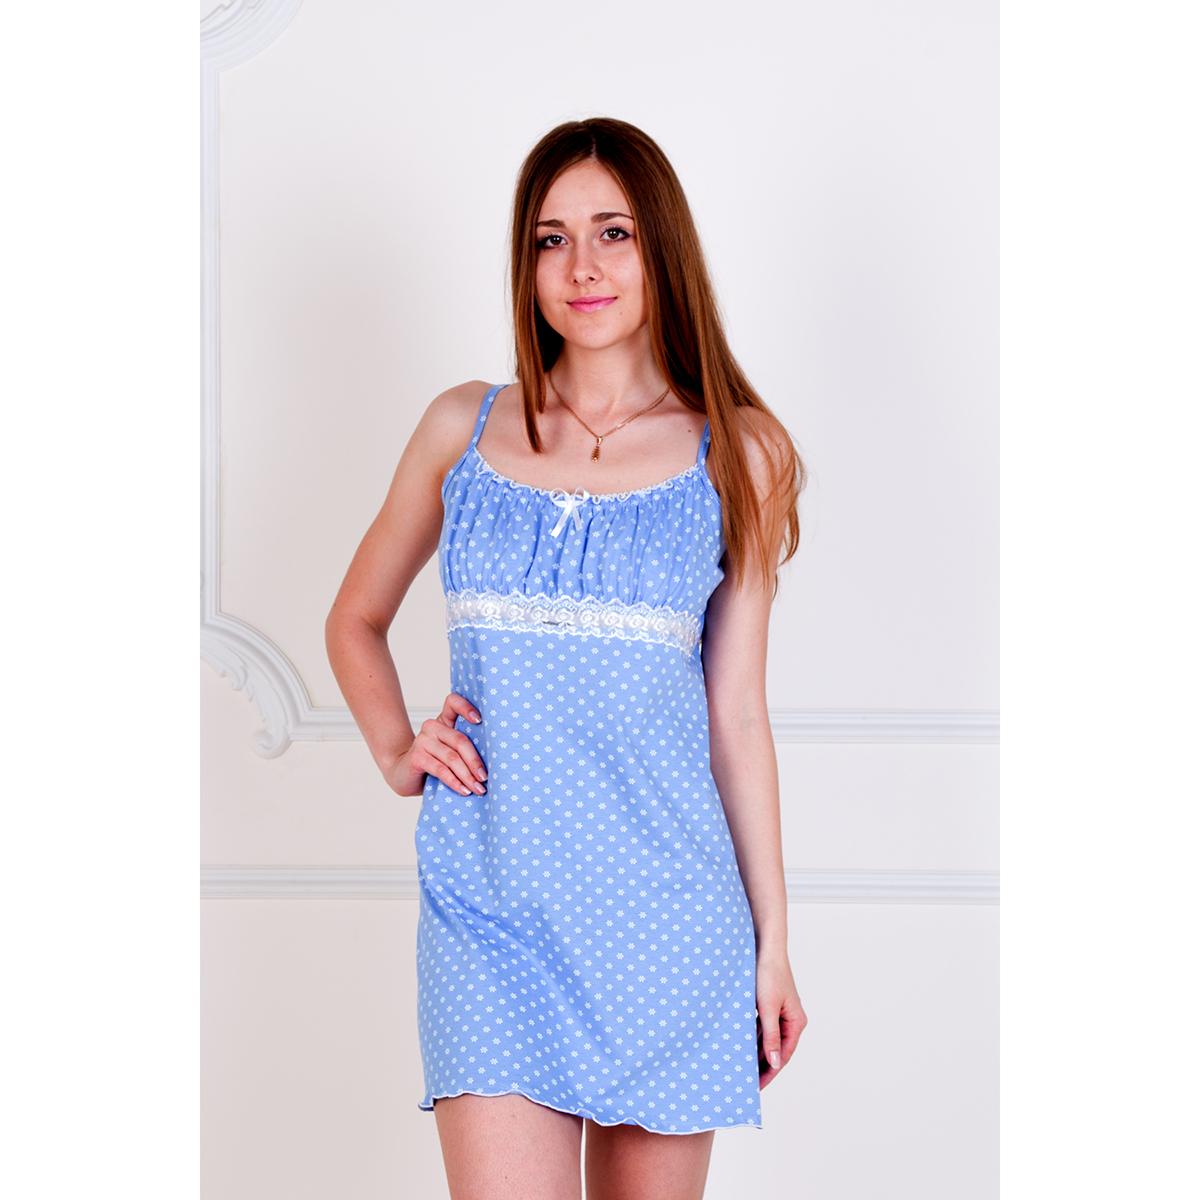 Женская сорочка Неженка Голубой, размер 48Ночные сорочки<br>Обхват груди:96 см<br>Обхват талии:78 см<br>Обхват бедер:104 см<br>Рост:167 см<br><br>Тип: Жен. сорочка<br>Размер: 48<br>Материал: Кулирка